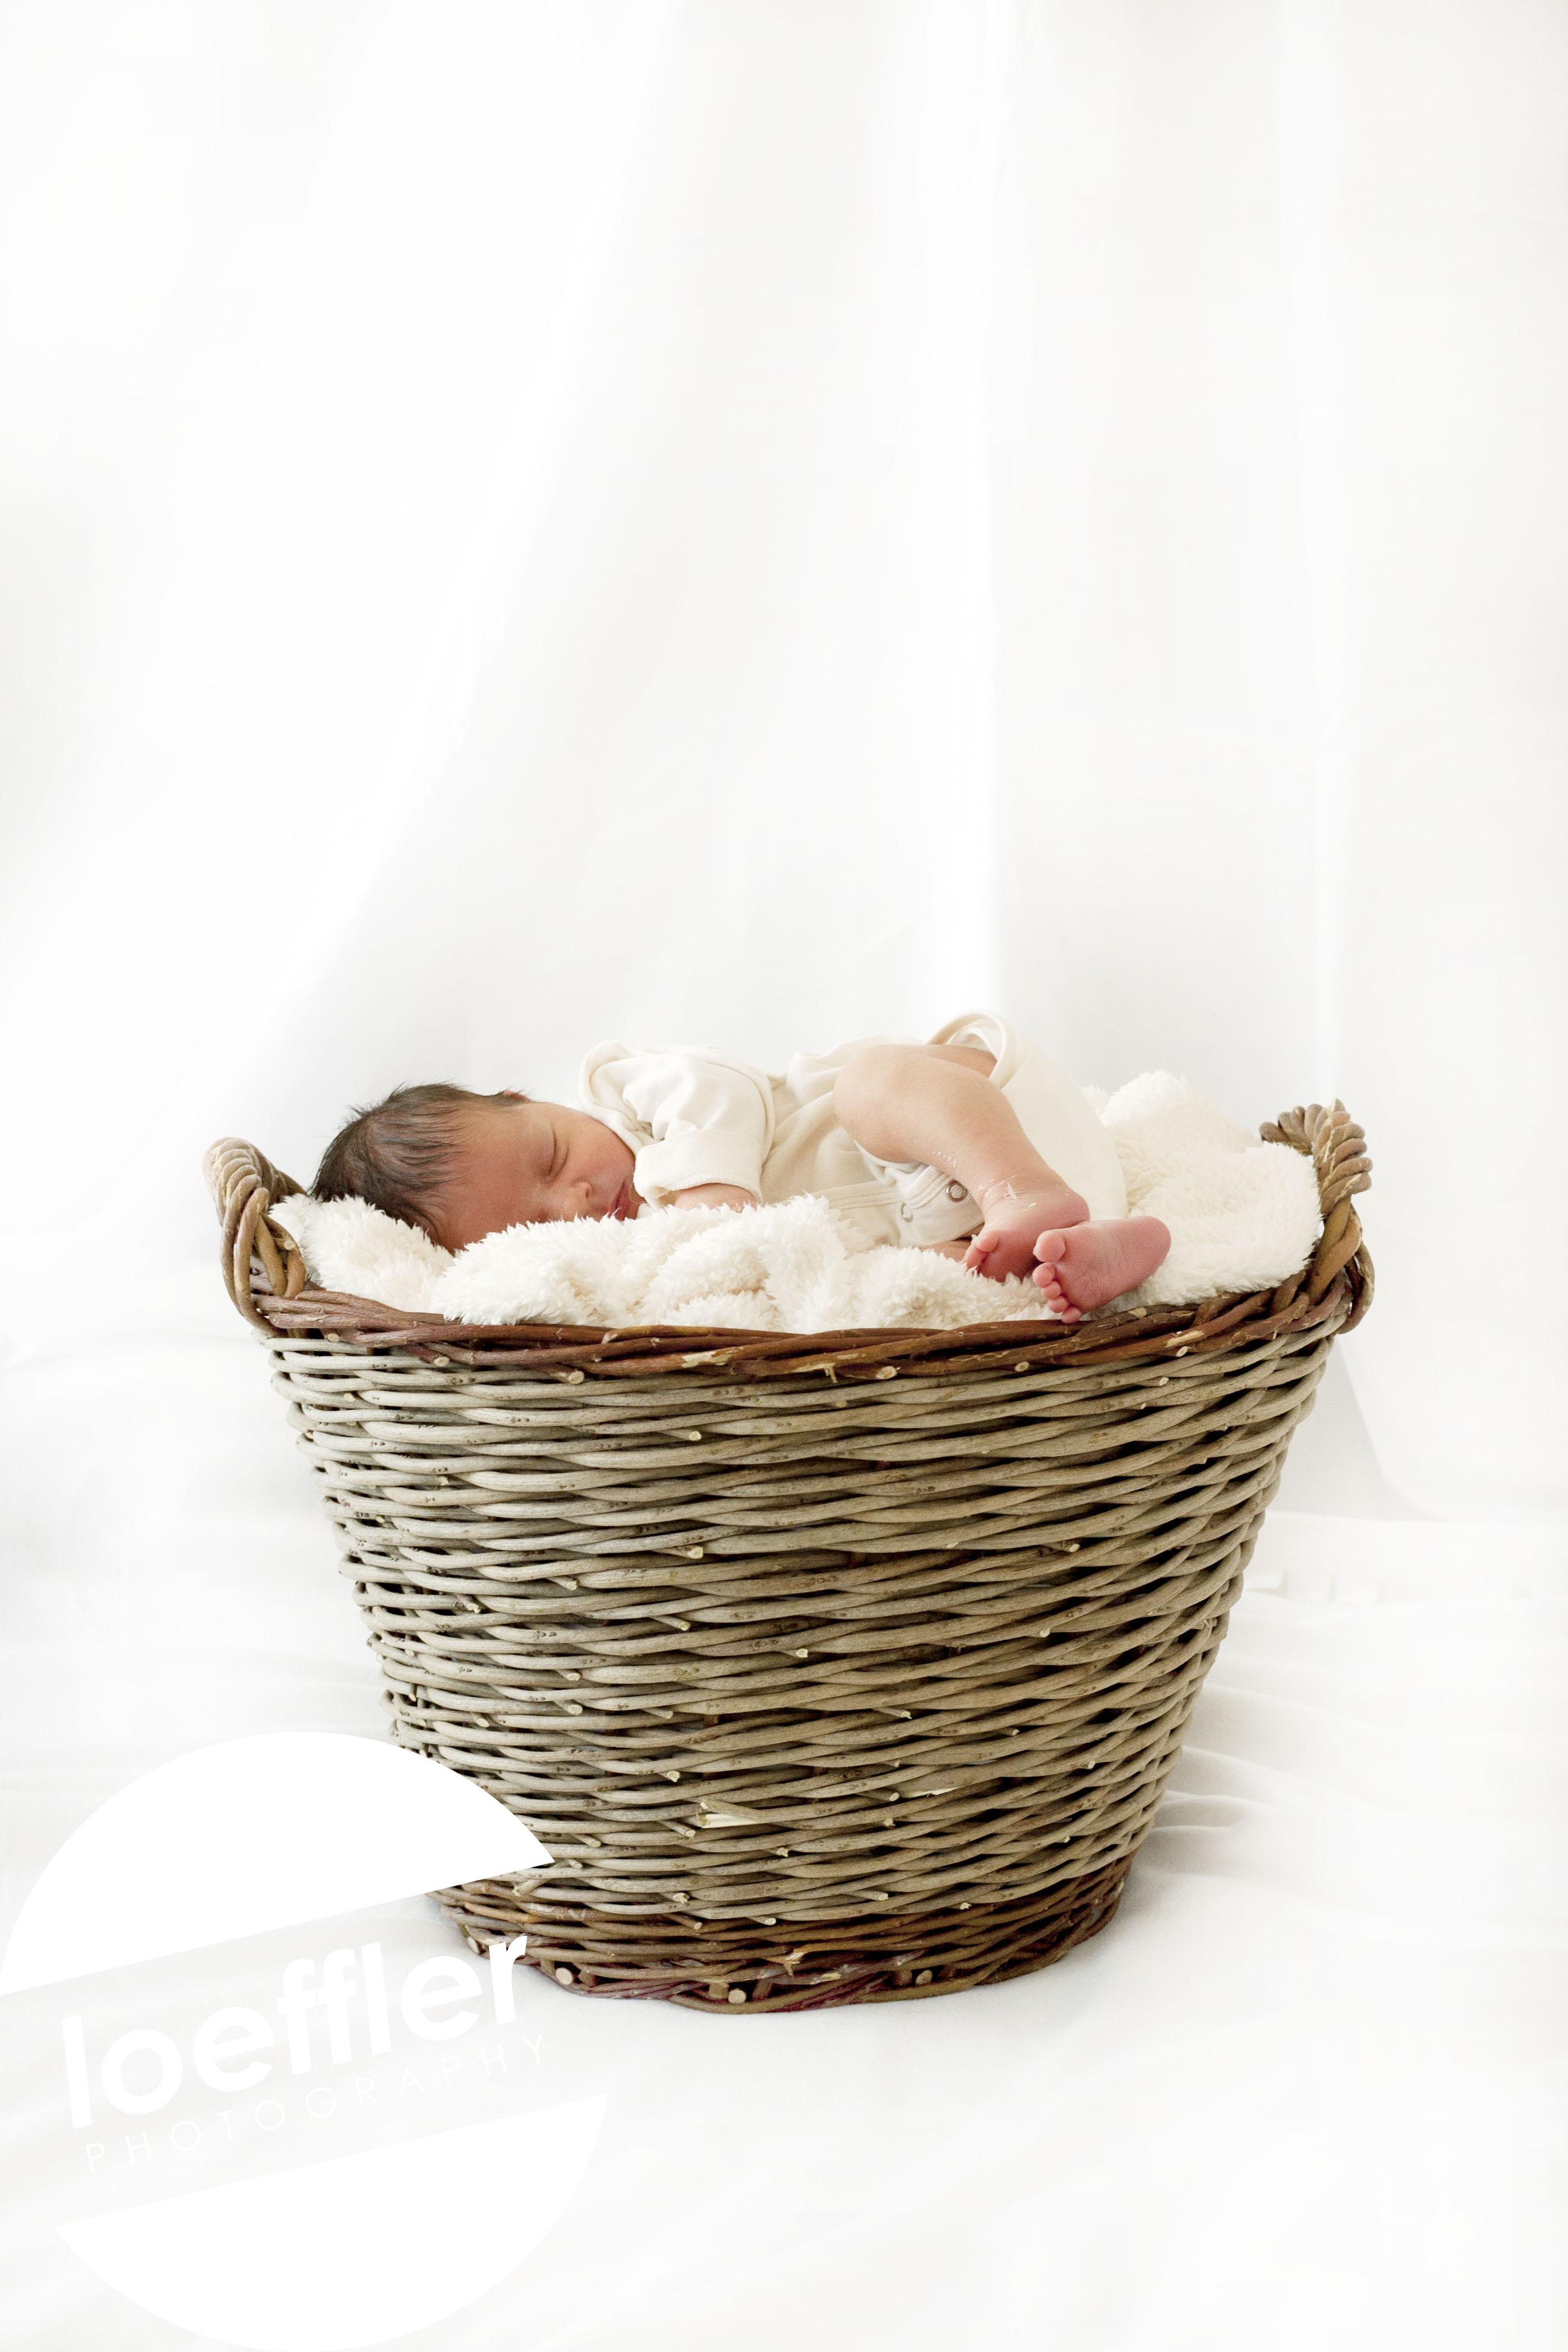 Nouveau-né dormant dans panier